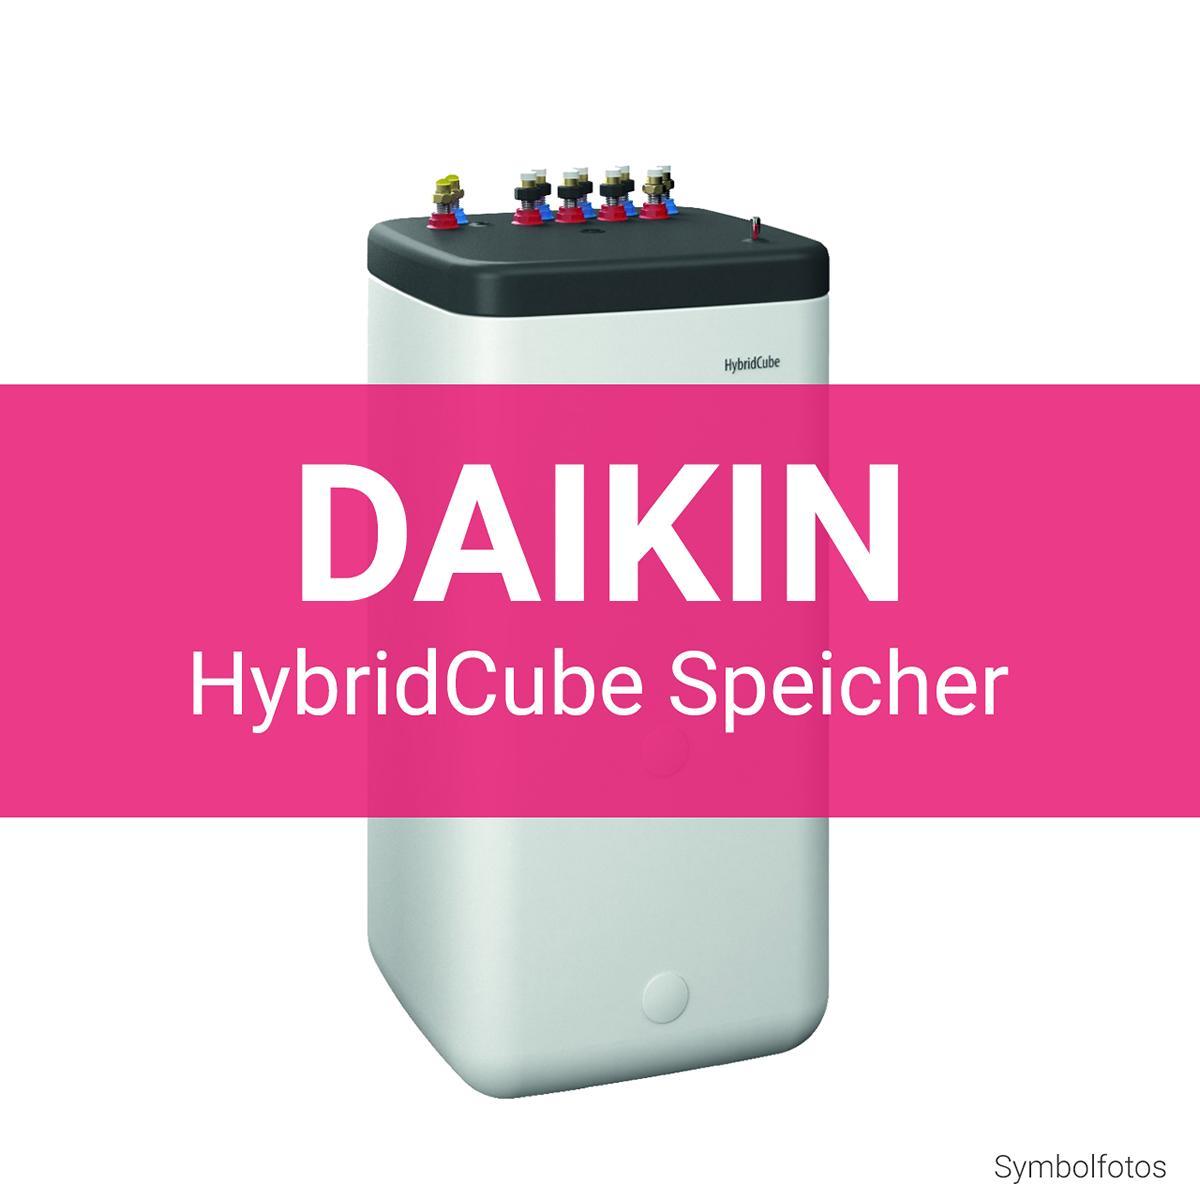 Daikin HybridCube Speicher